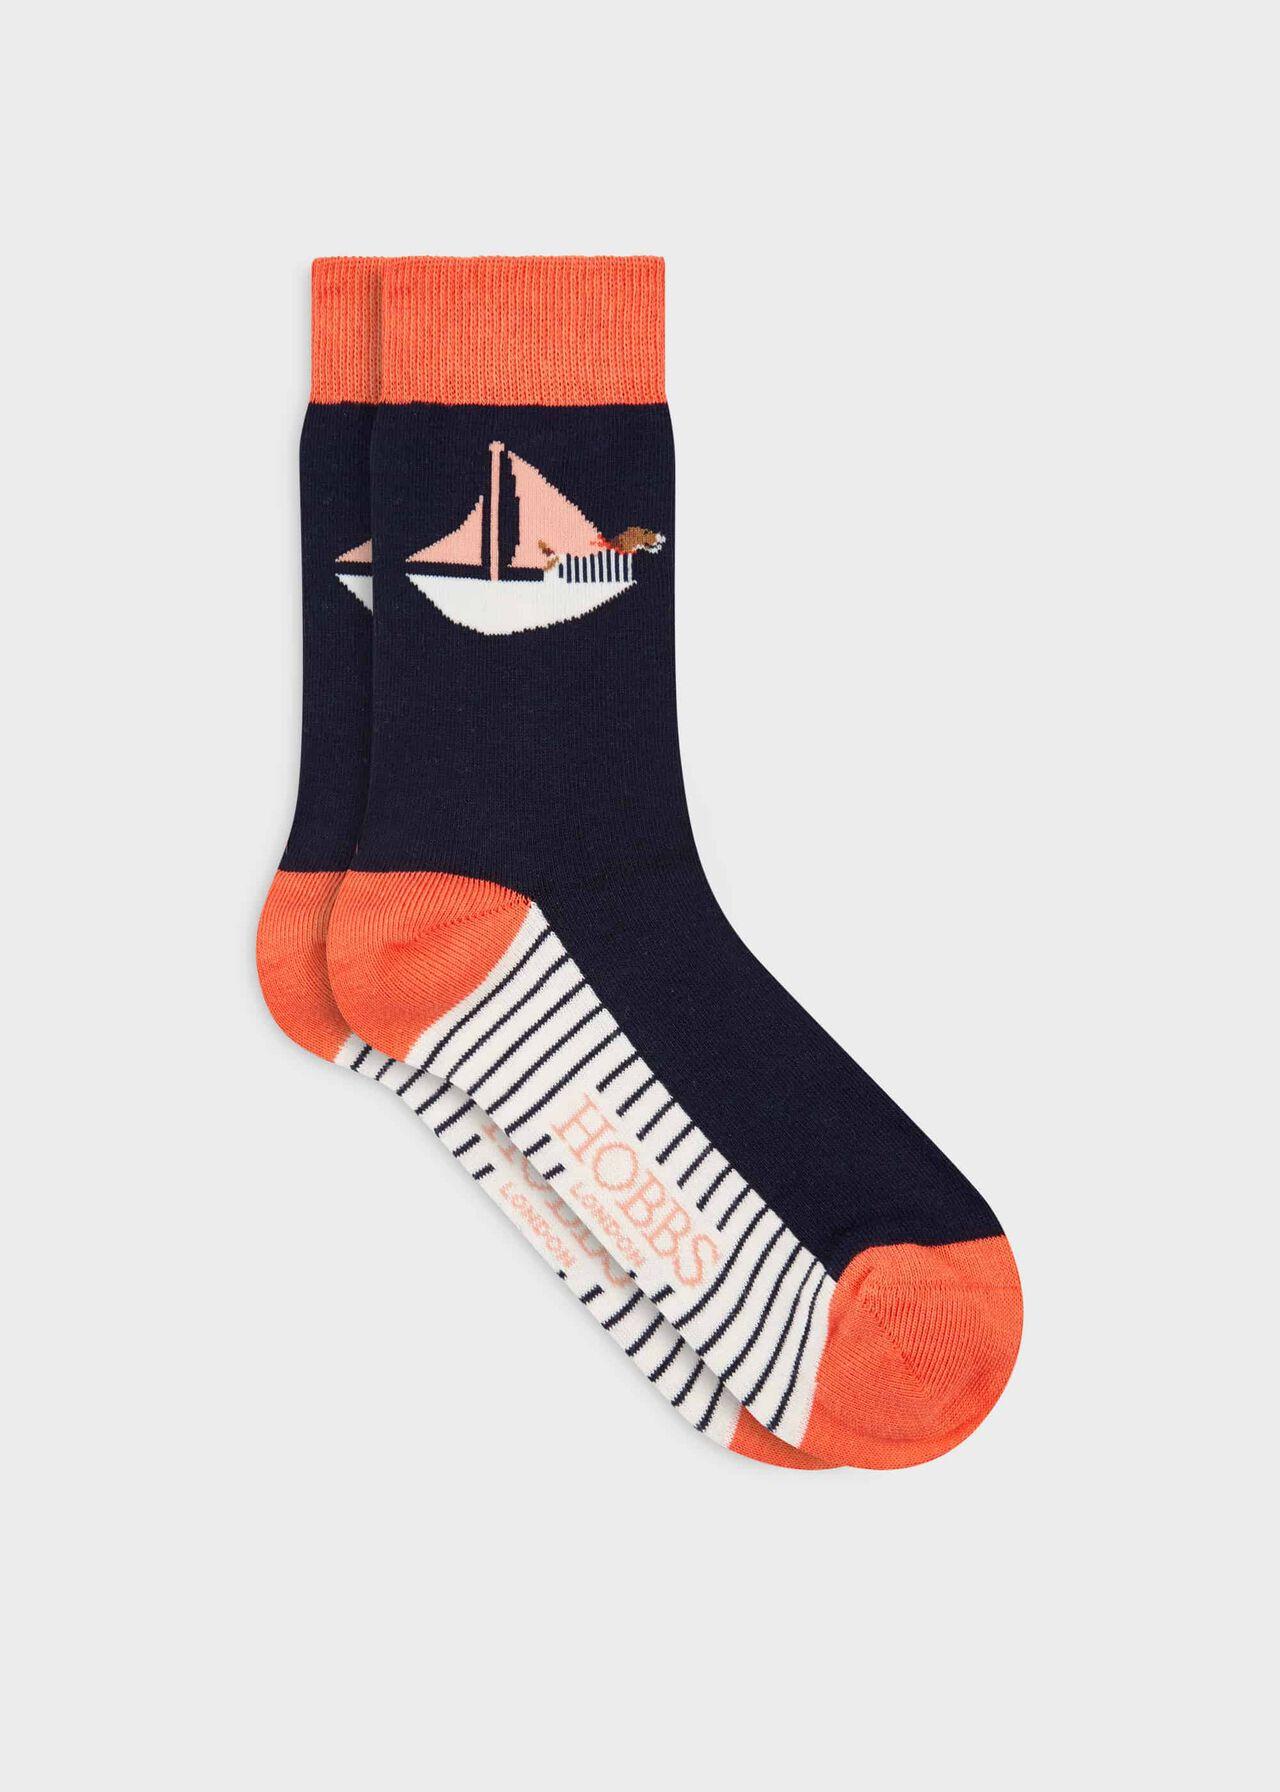 Boat Dog Single Sock, Salmon, hi-res